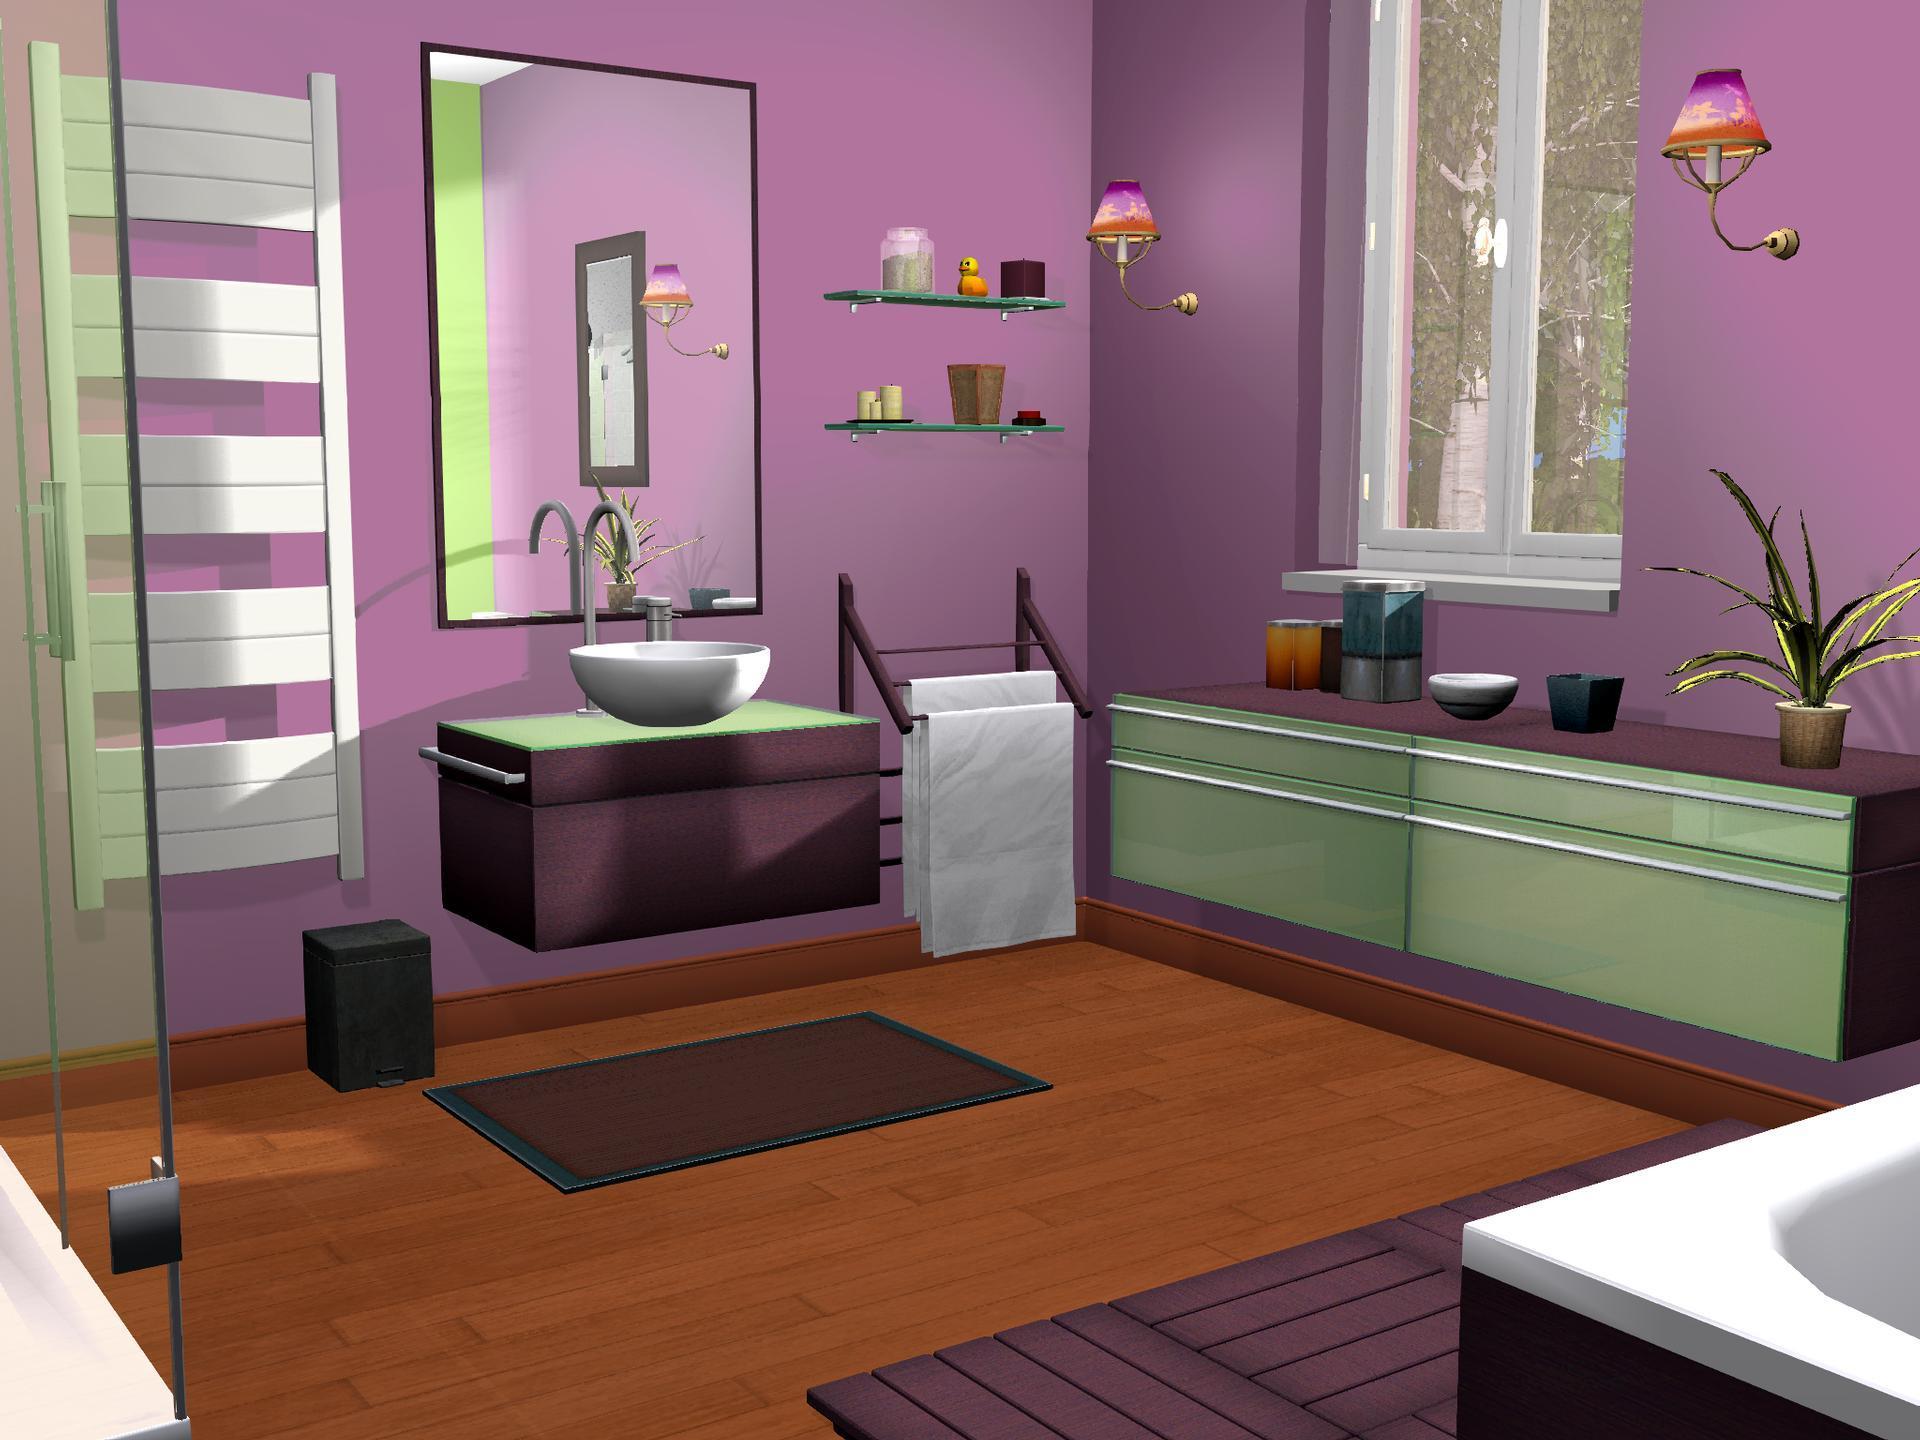 idee deco pour cuisine rouge - Jeux De Decoration De Maison 3d